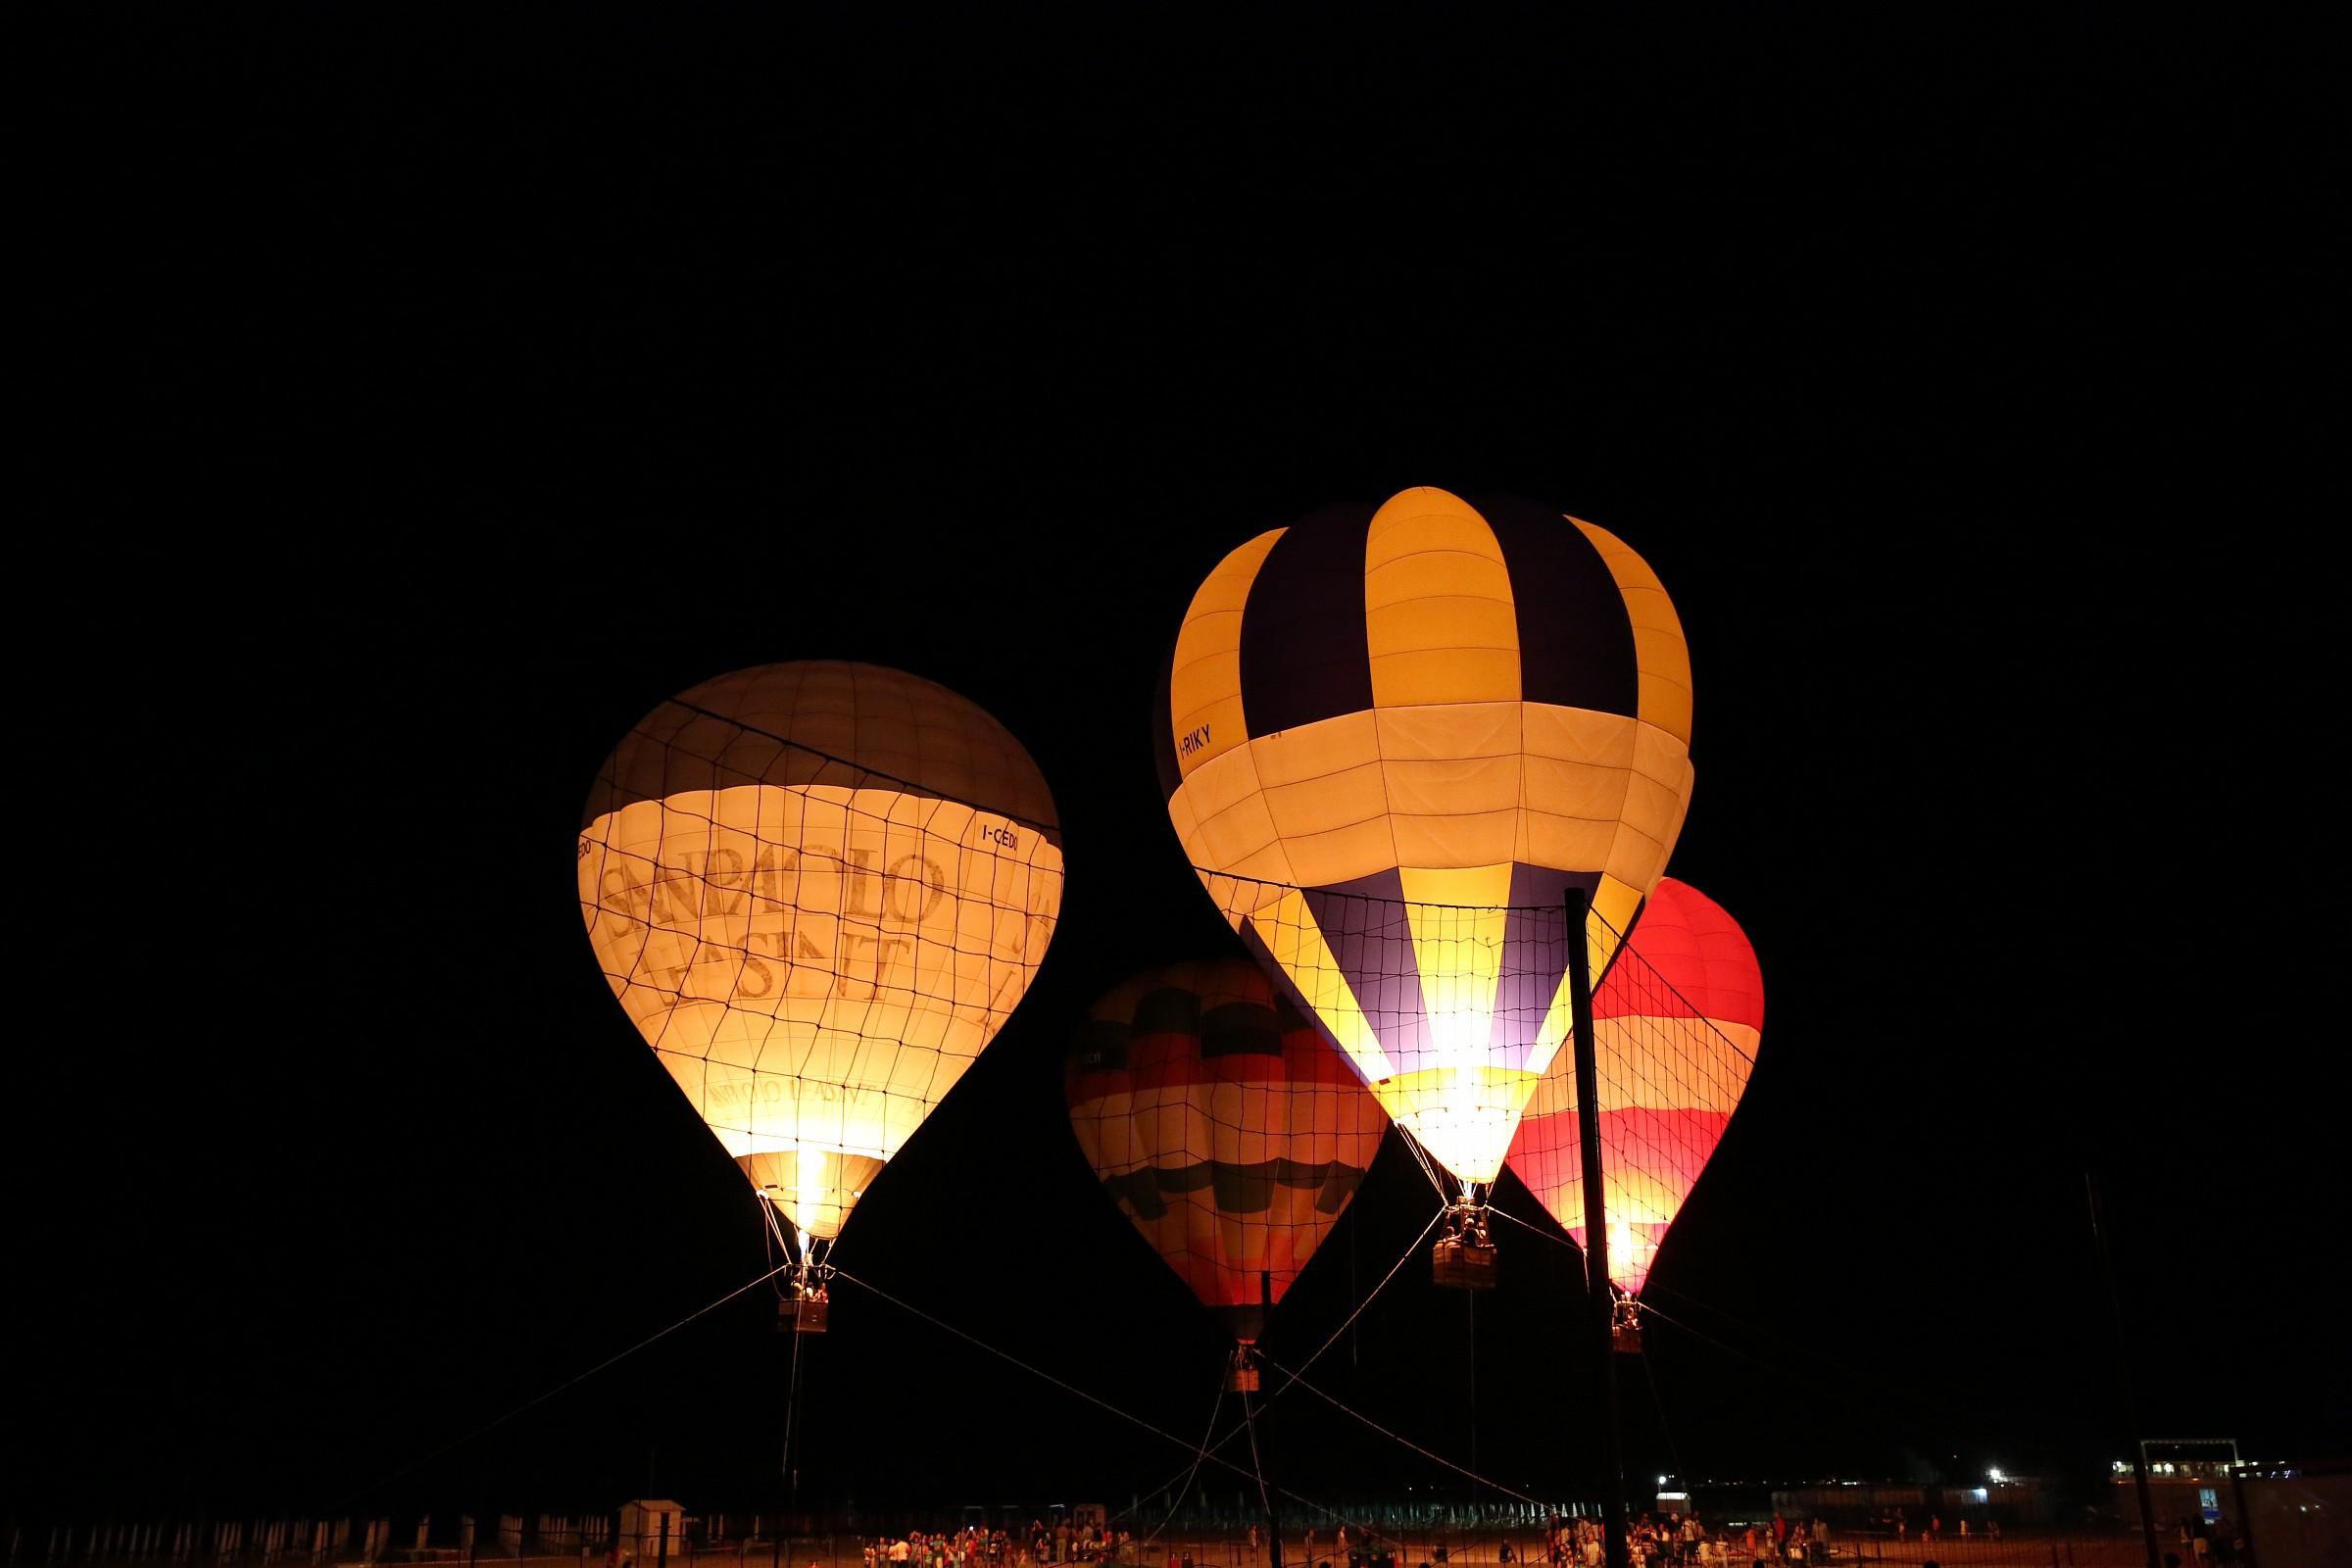 The large lanterns...